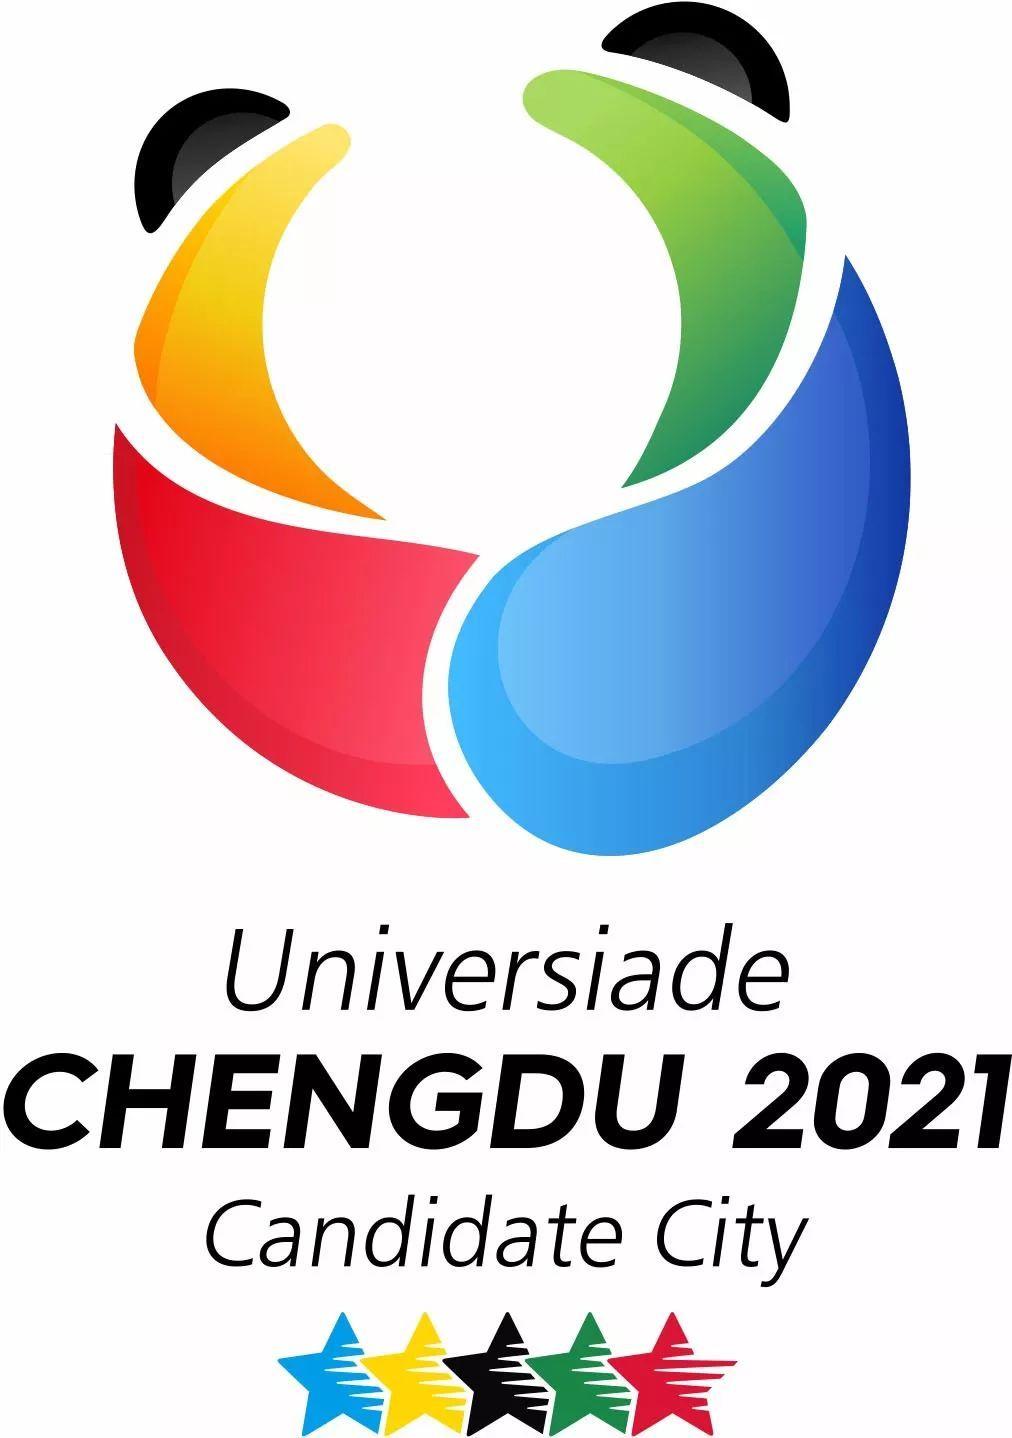 成都2021世界大运会申办logo整体运用成都特色国宝熊猫为原型进行图片